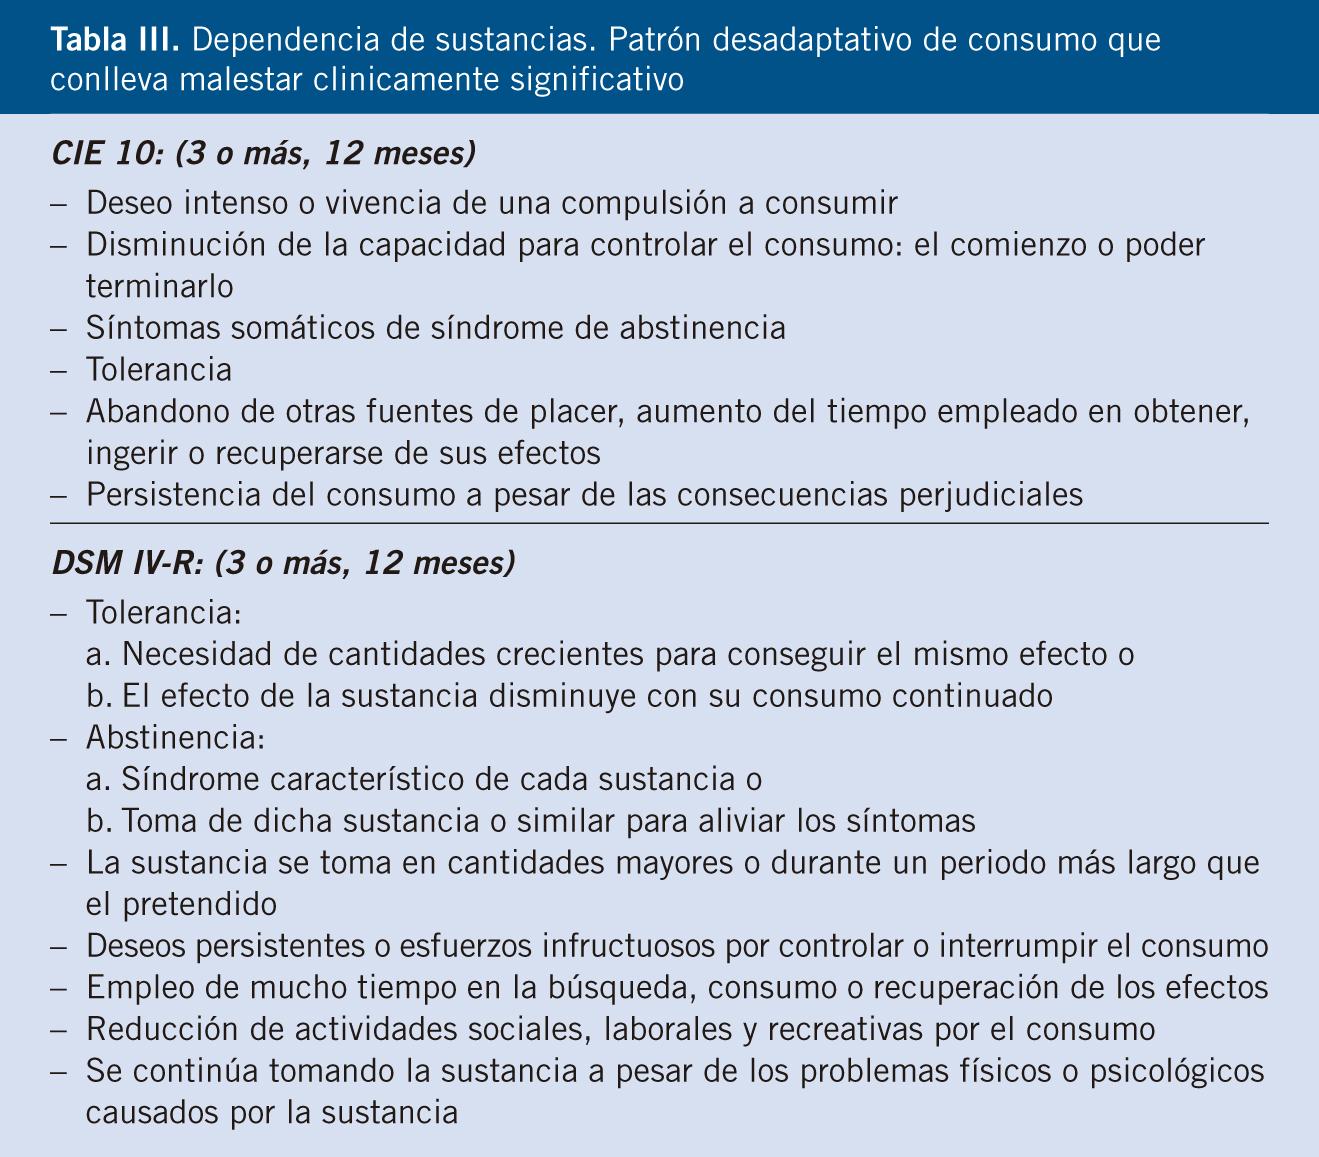 USO Y ABUSO DE DROGAS Y SUSTANCIAS EN LOS ADOLESCENTES